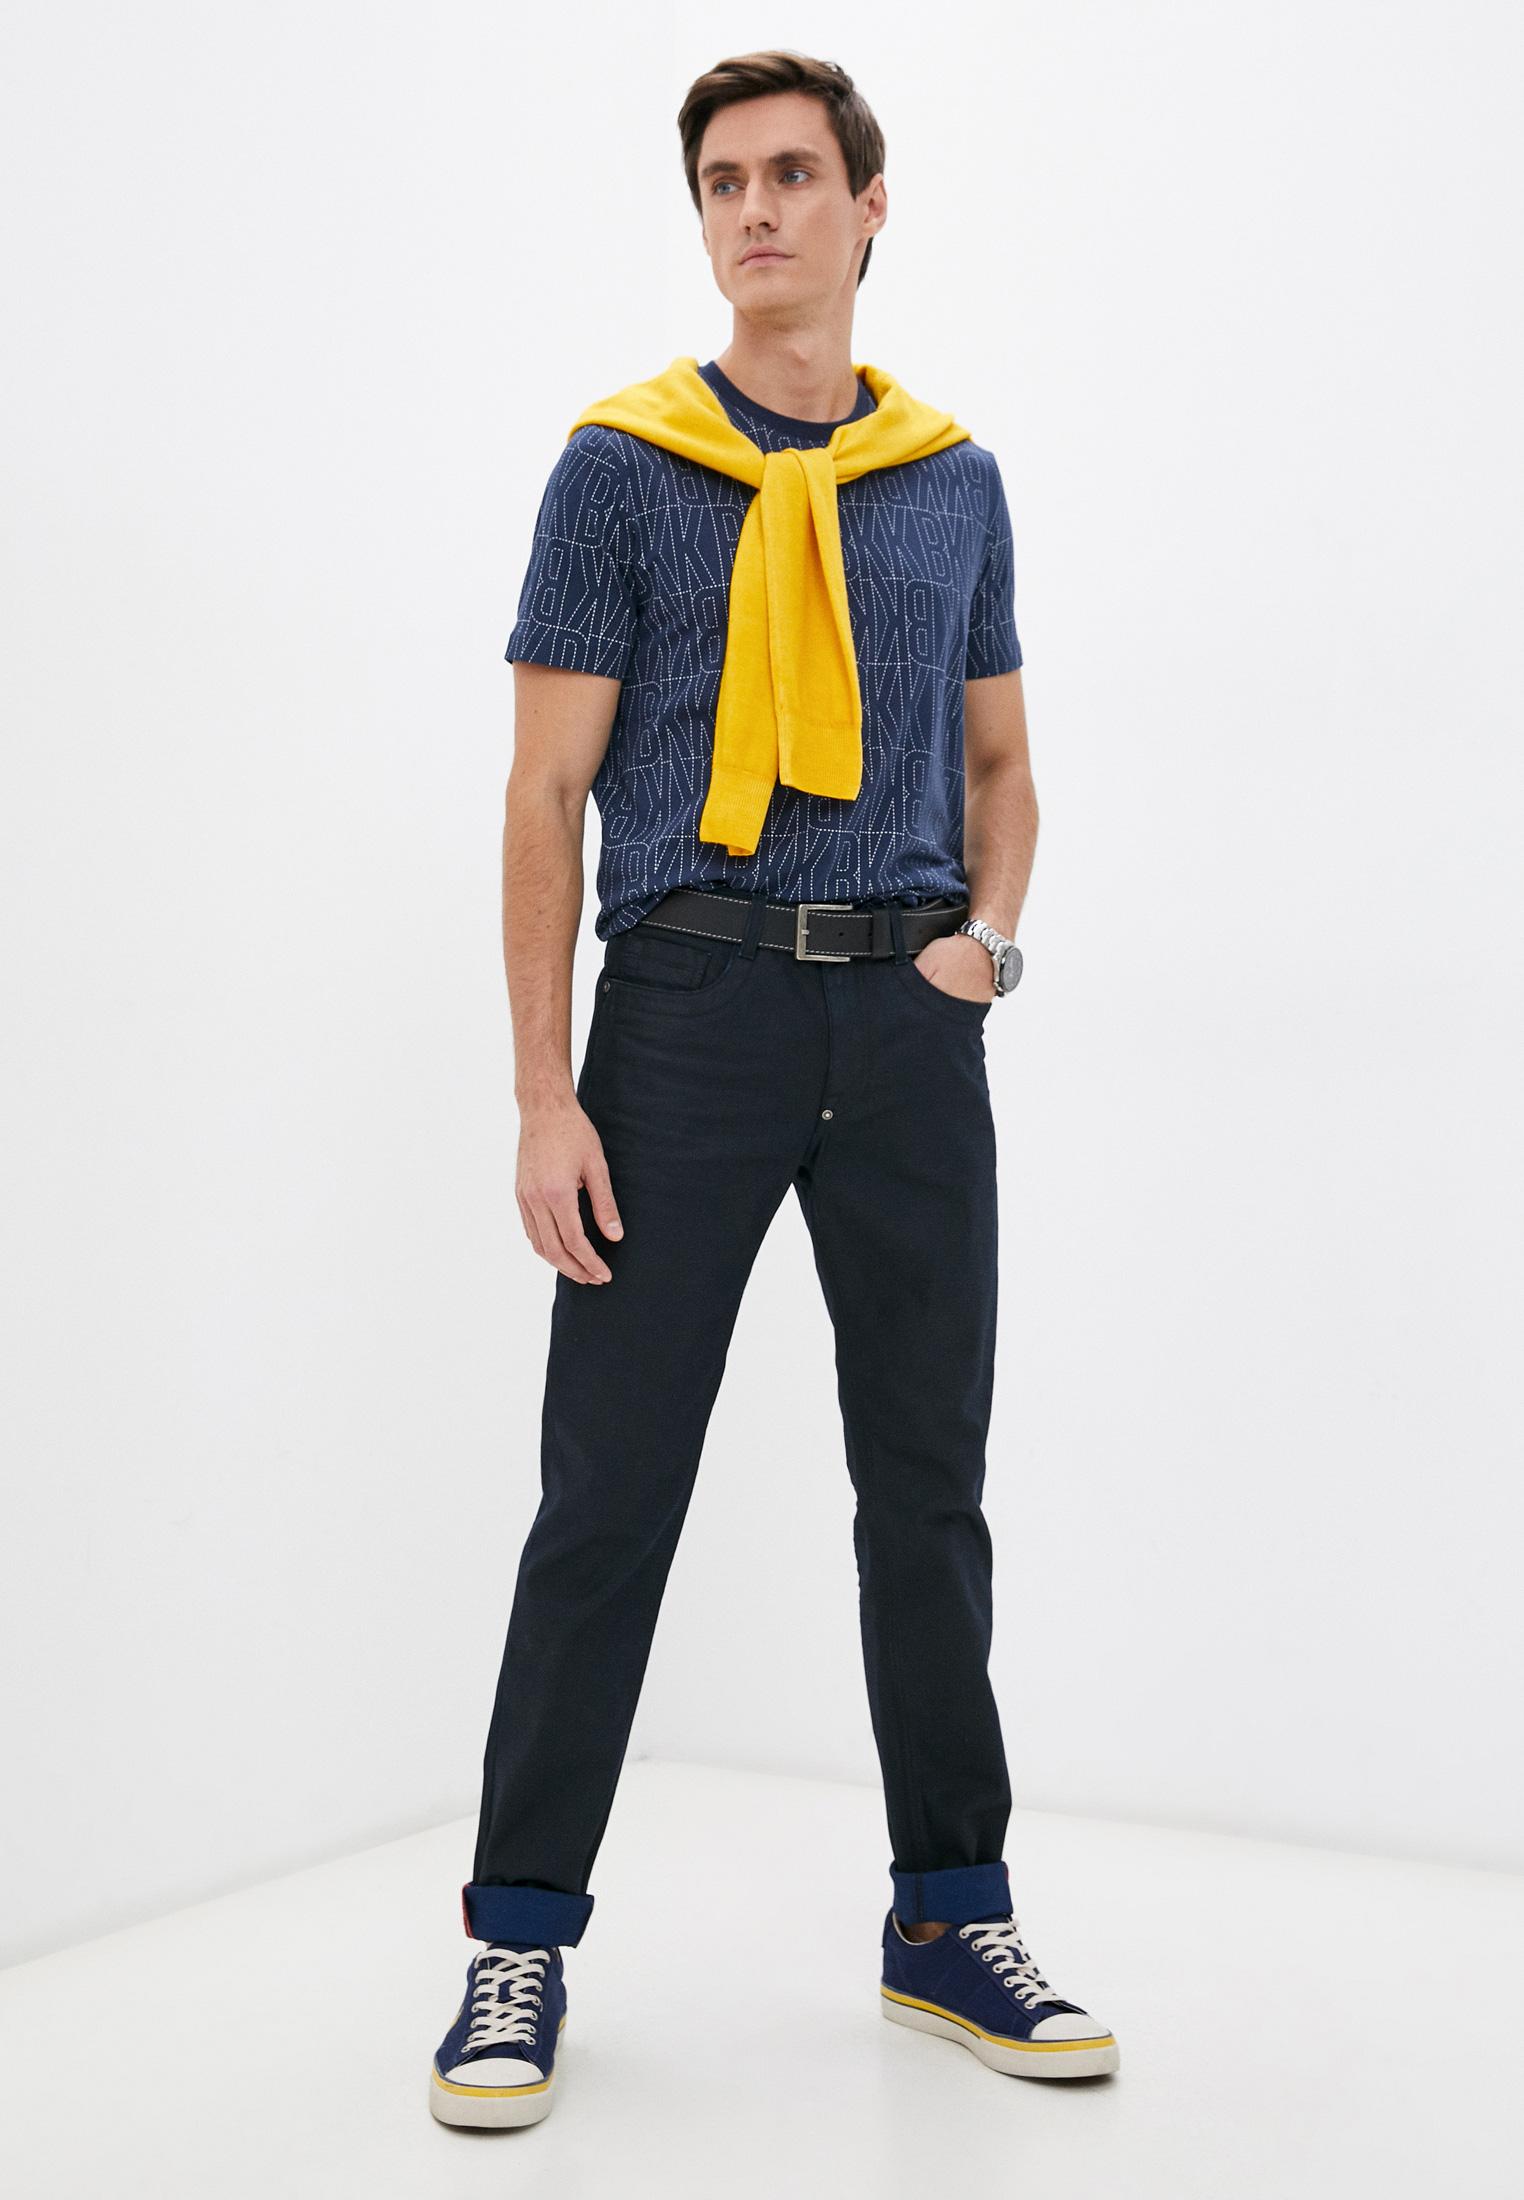 Мужские зауженные джинсы Bikkembergs (Биккембергс) C Q 101 18 S 3147: изображение 3